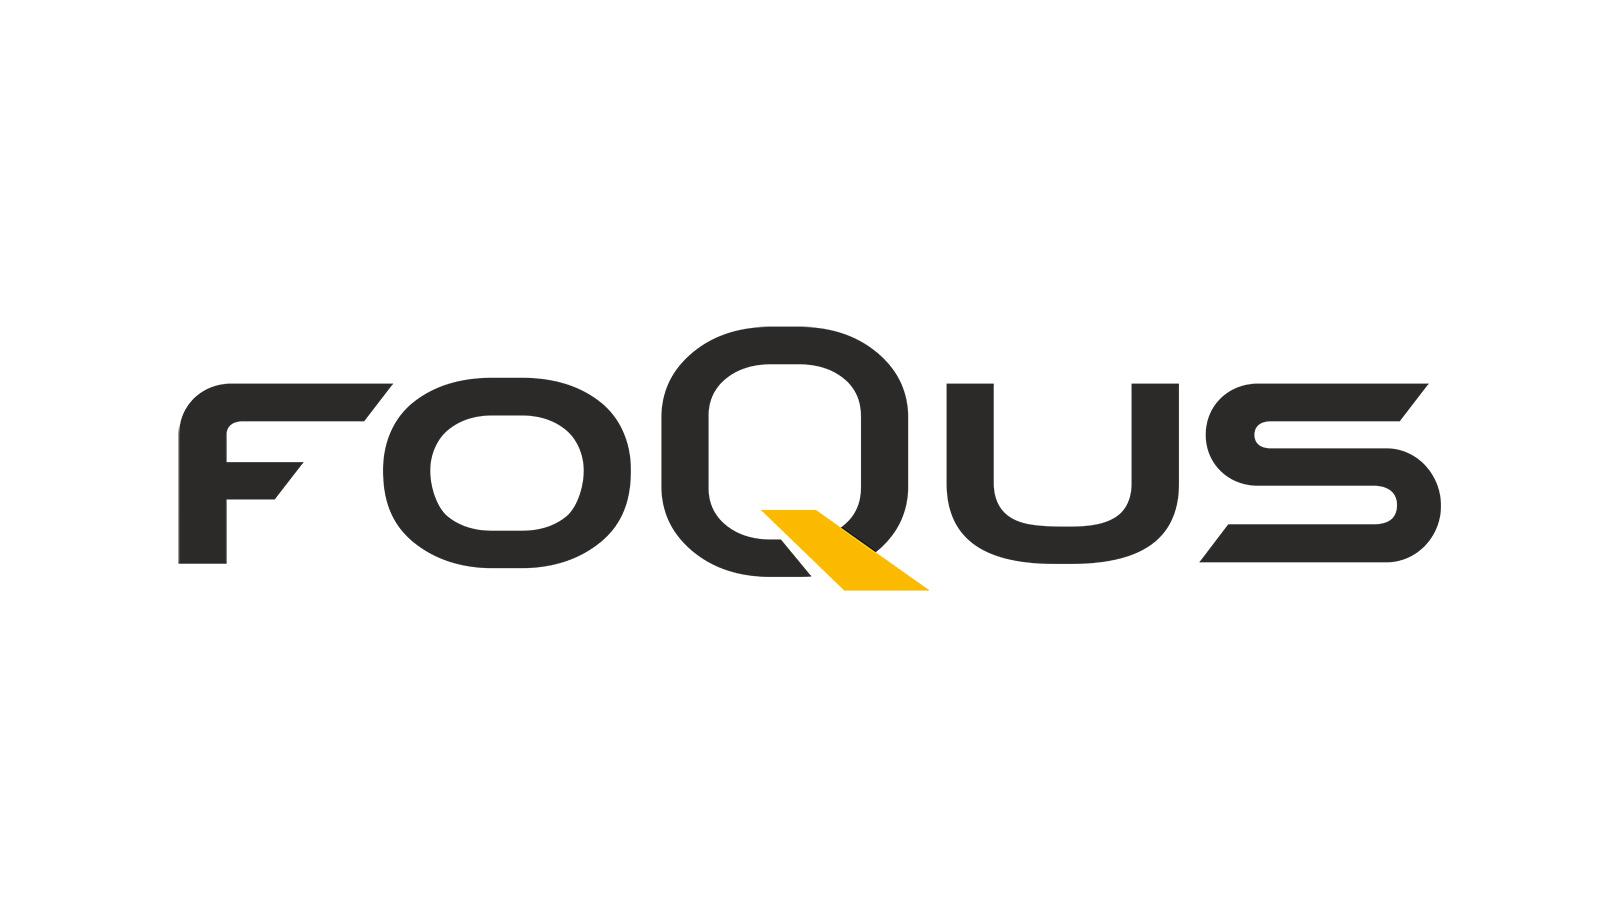 FOQUS Poco Greece logo